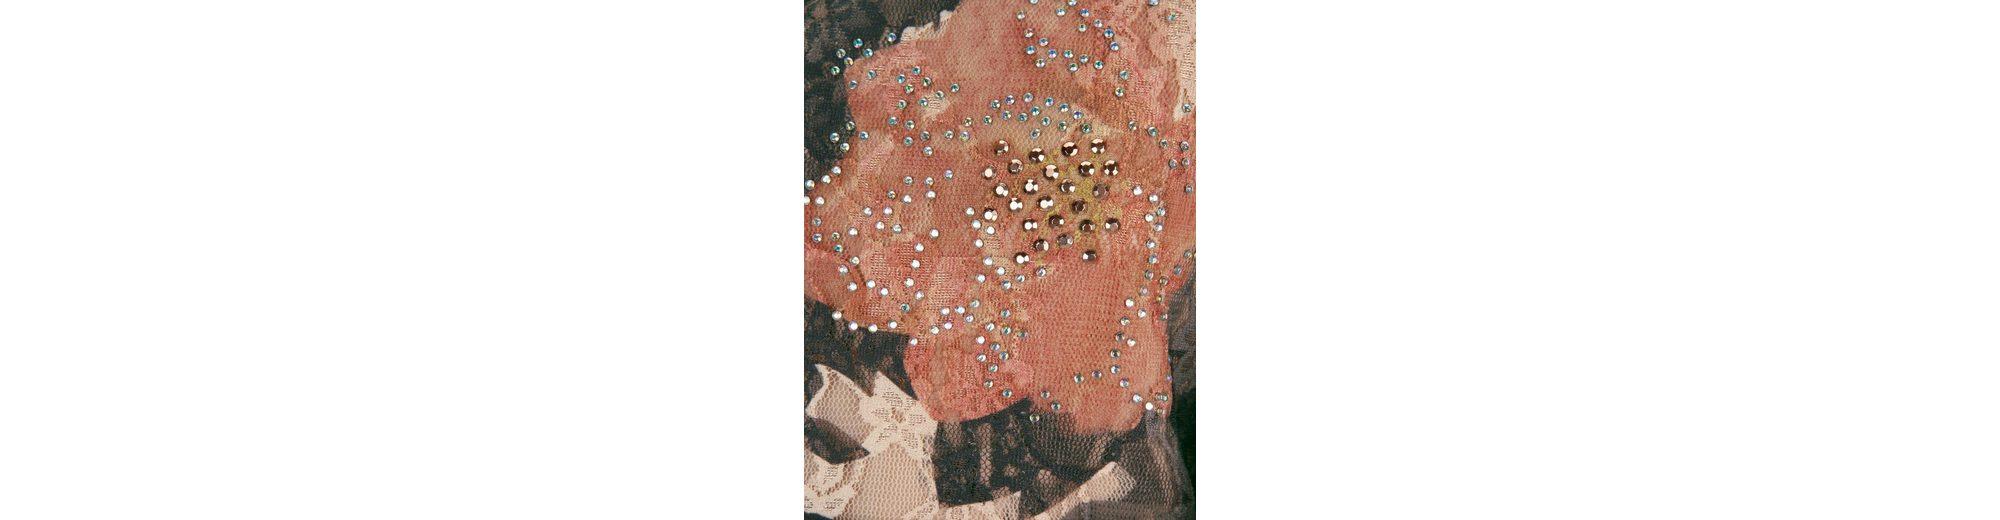 Mona Spitzenshirt mit Blumendruck und Strass-Steinen Spielraum Günstiger Preis Steckdose Breite Palette Von Spielraum Mit Kreditkarte Rabatt Kosten EHZvWiKa